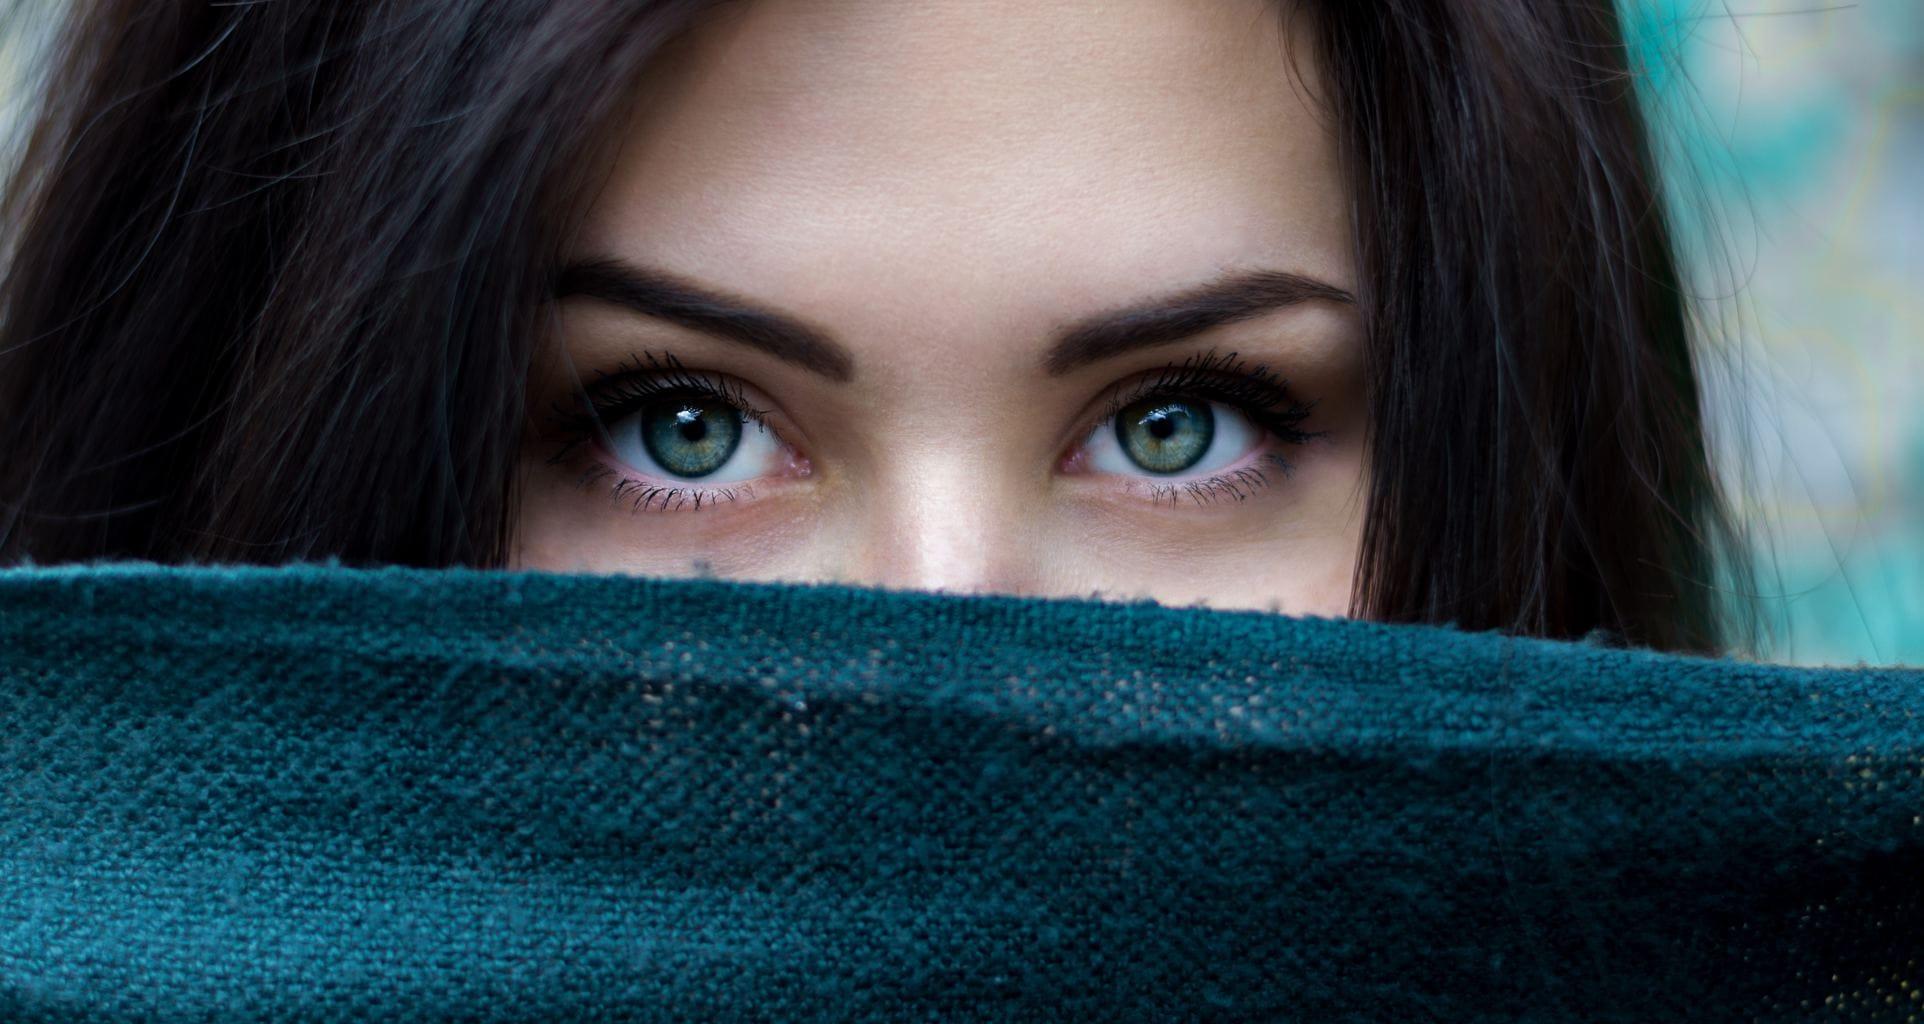 retrato creativo una modelo con ojos verdes